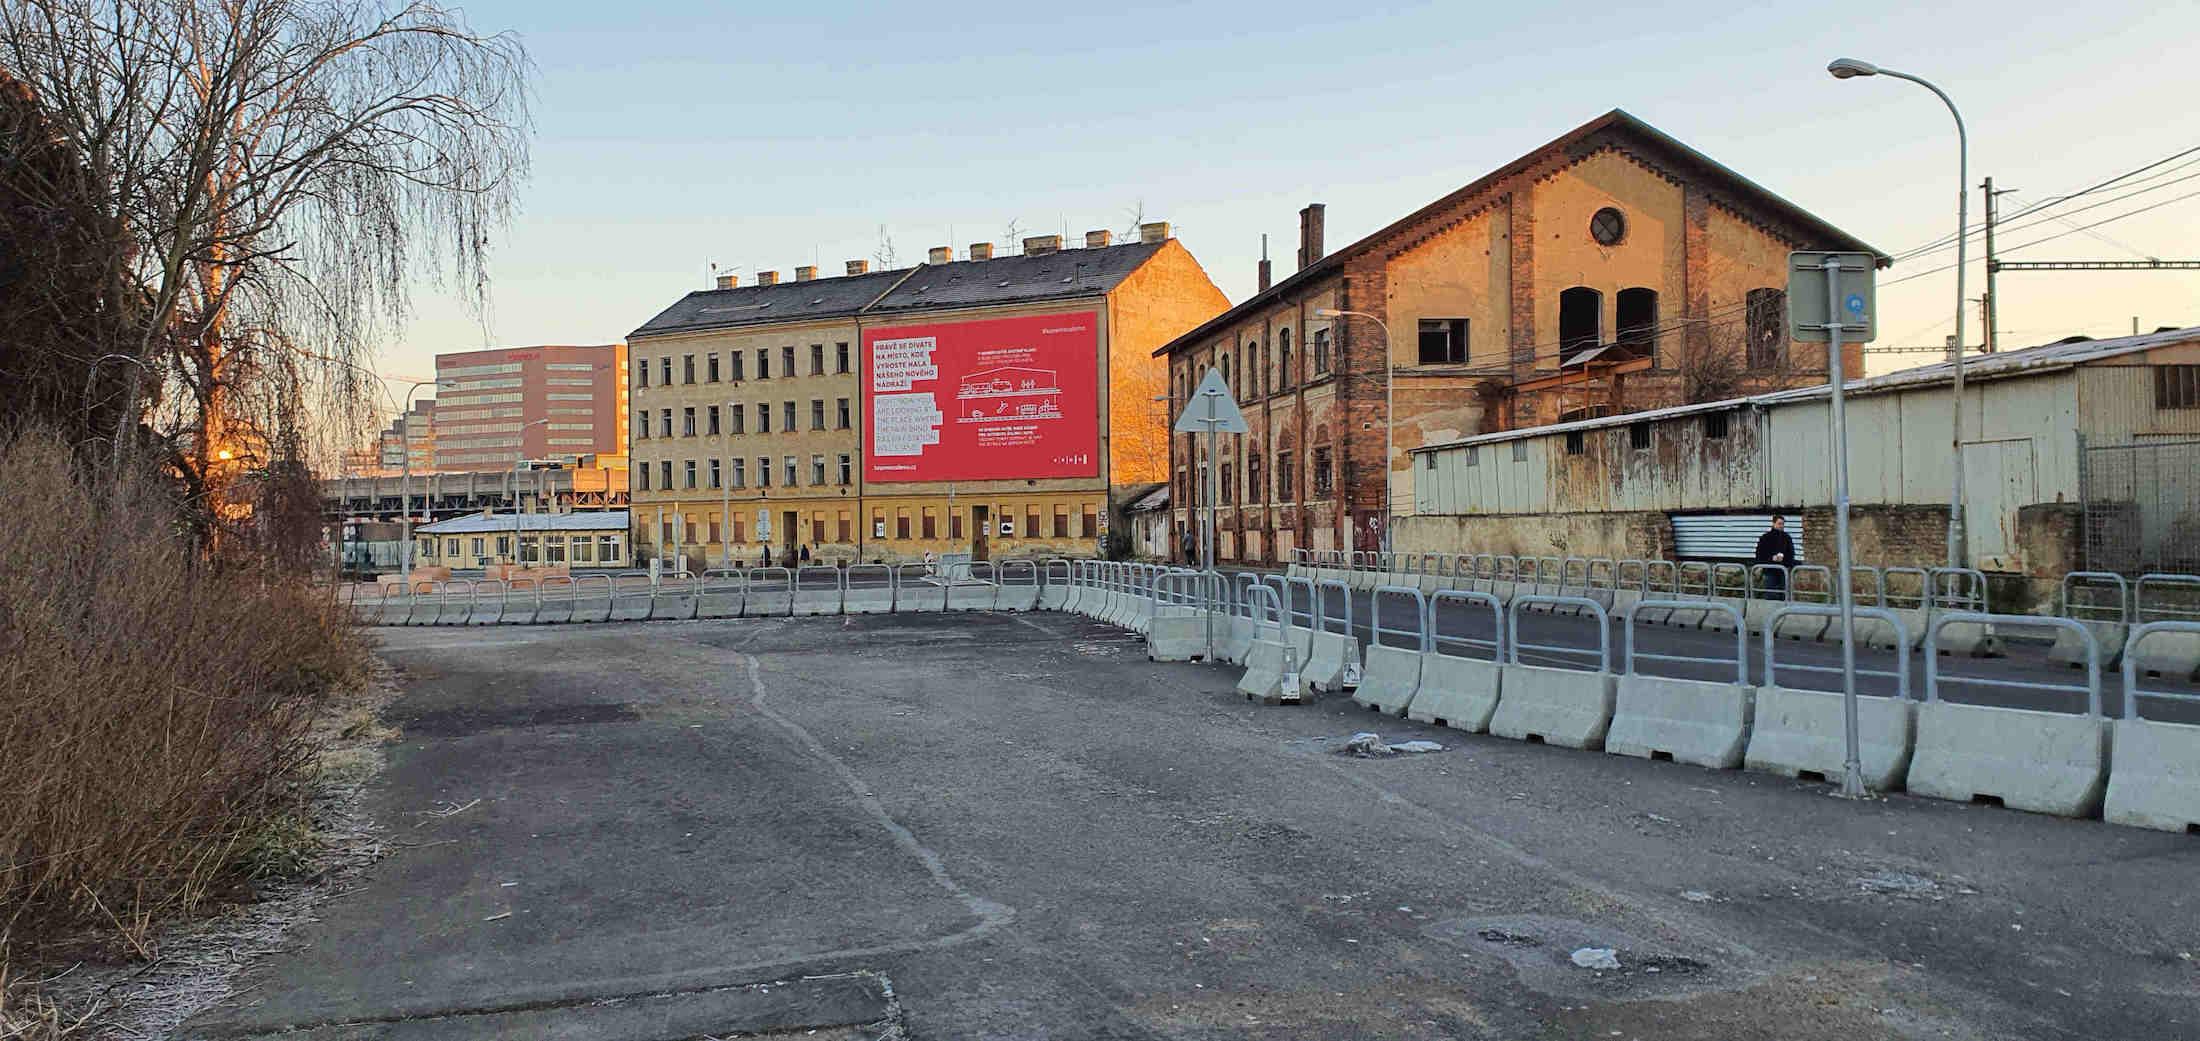 Co se děje na brněnském Dolním nádraží pos končení velké vlakové výluky